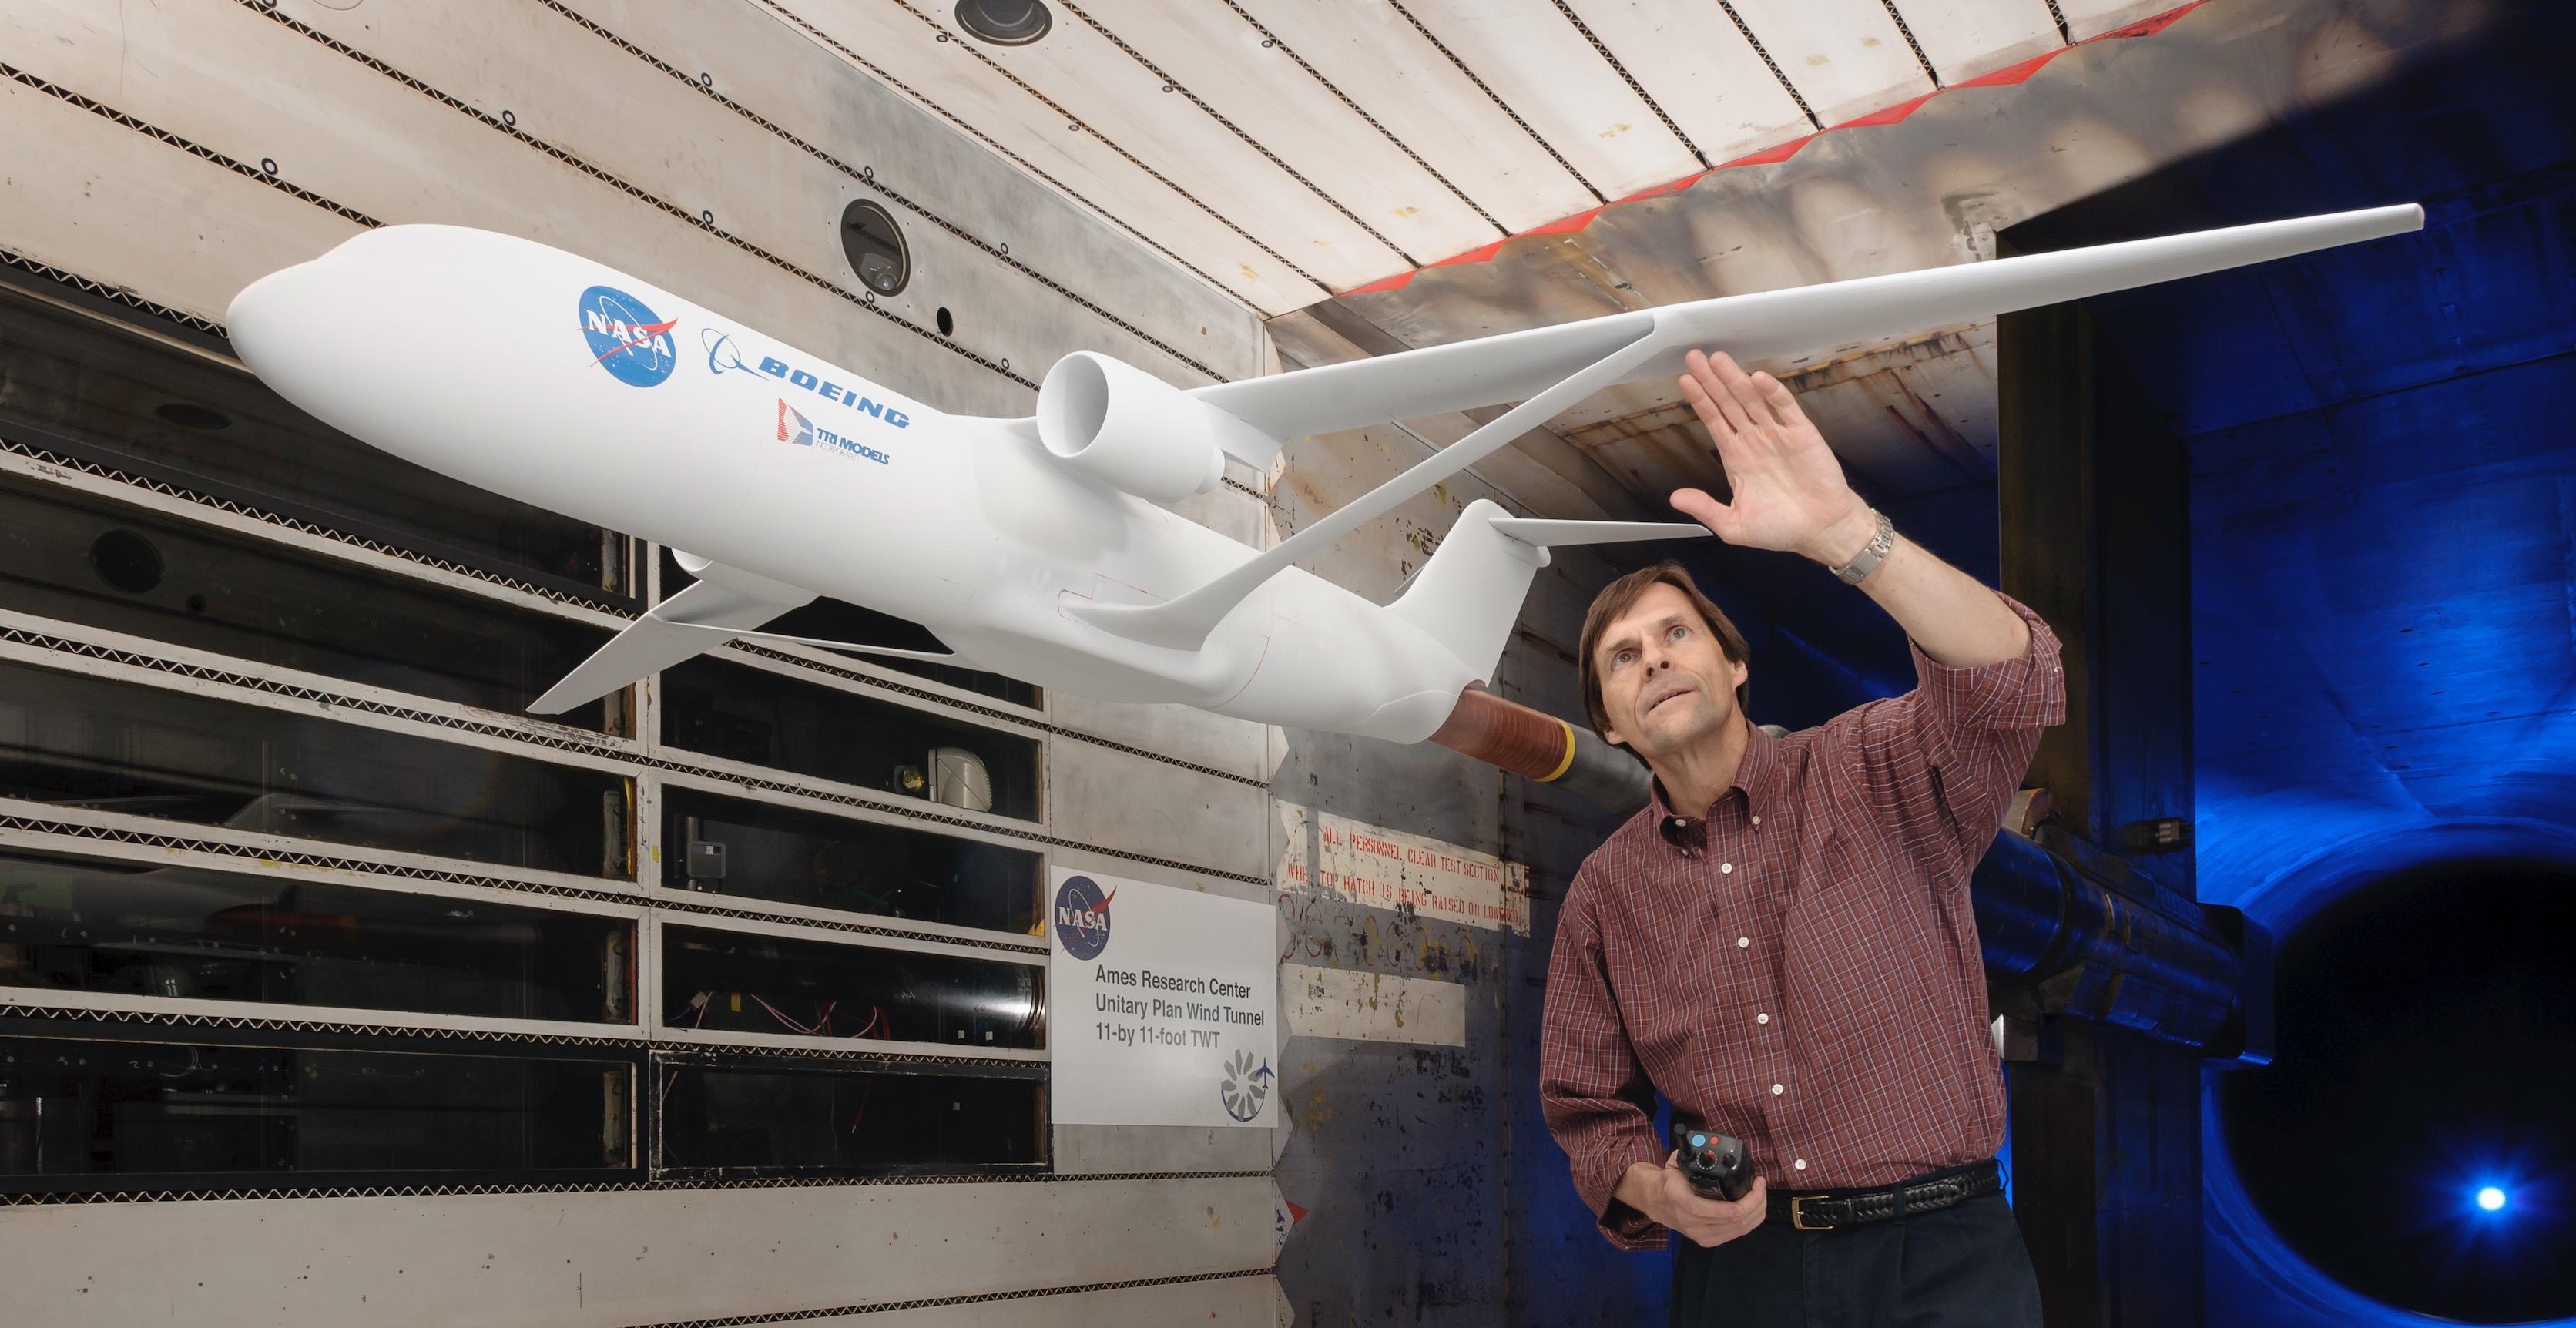 Un nuevo tipo de ala de la NASA puede reducir emisiones y consumo hasta un 50%